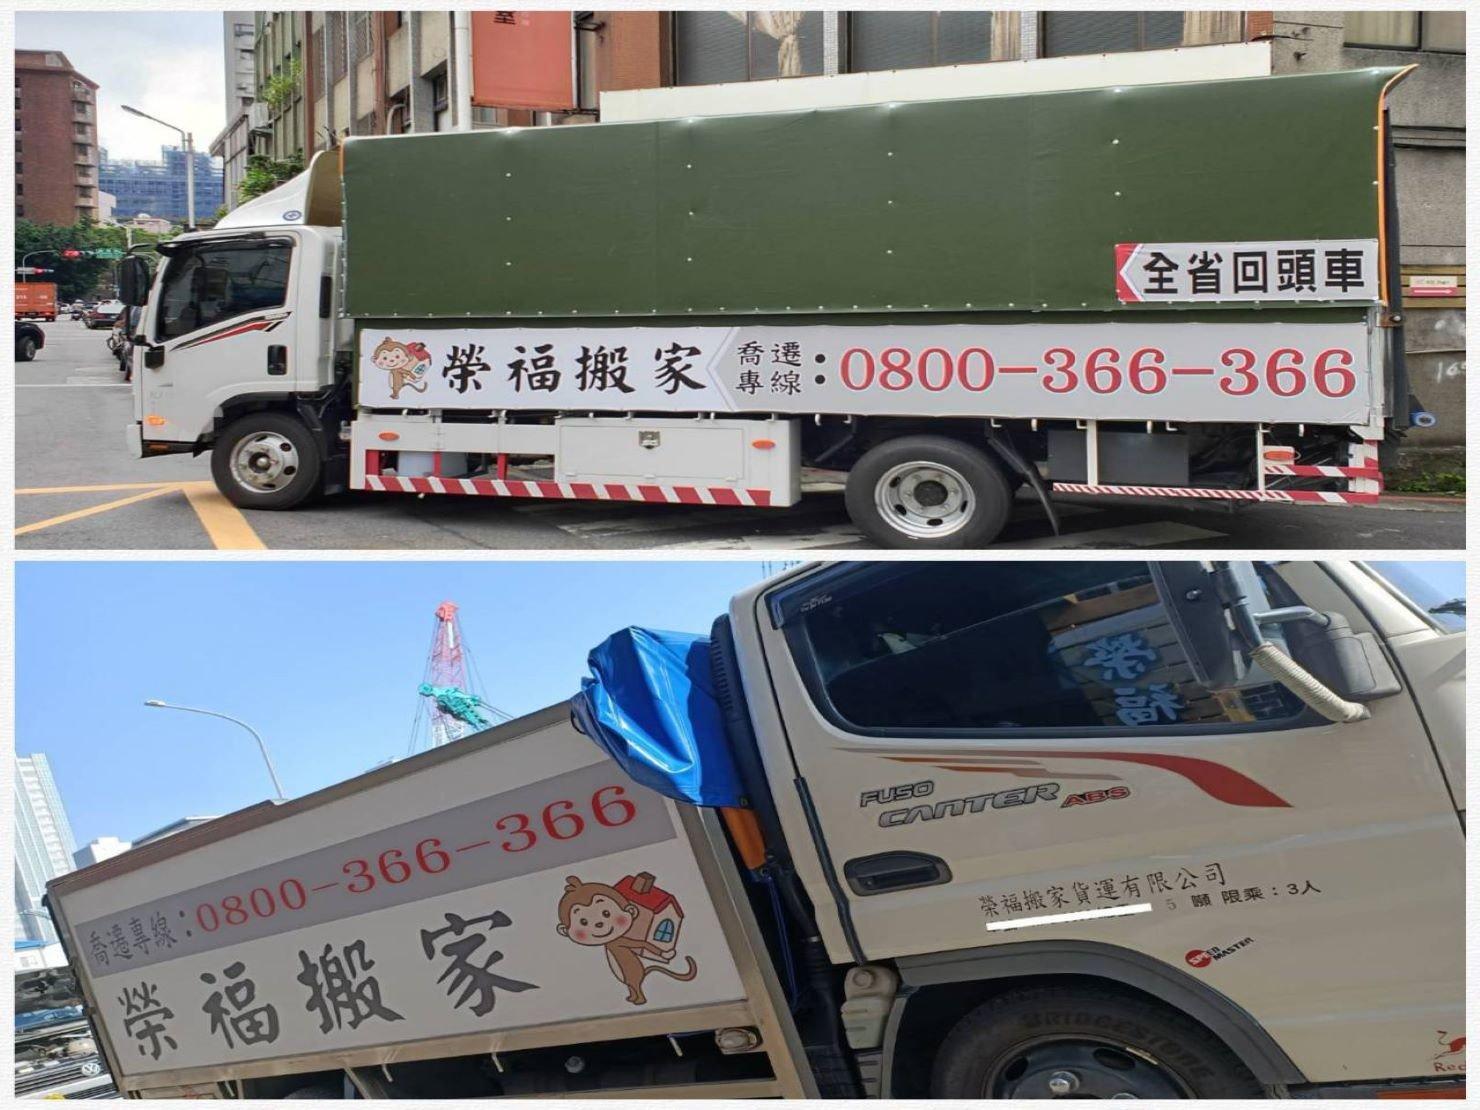 公司搬遷服務車有大有小,為各行各業的顧客選擇適合您的搬遷服務車種。